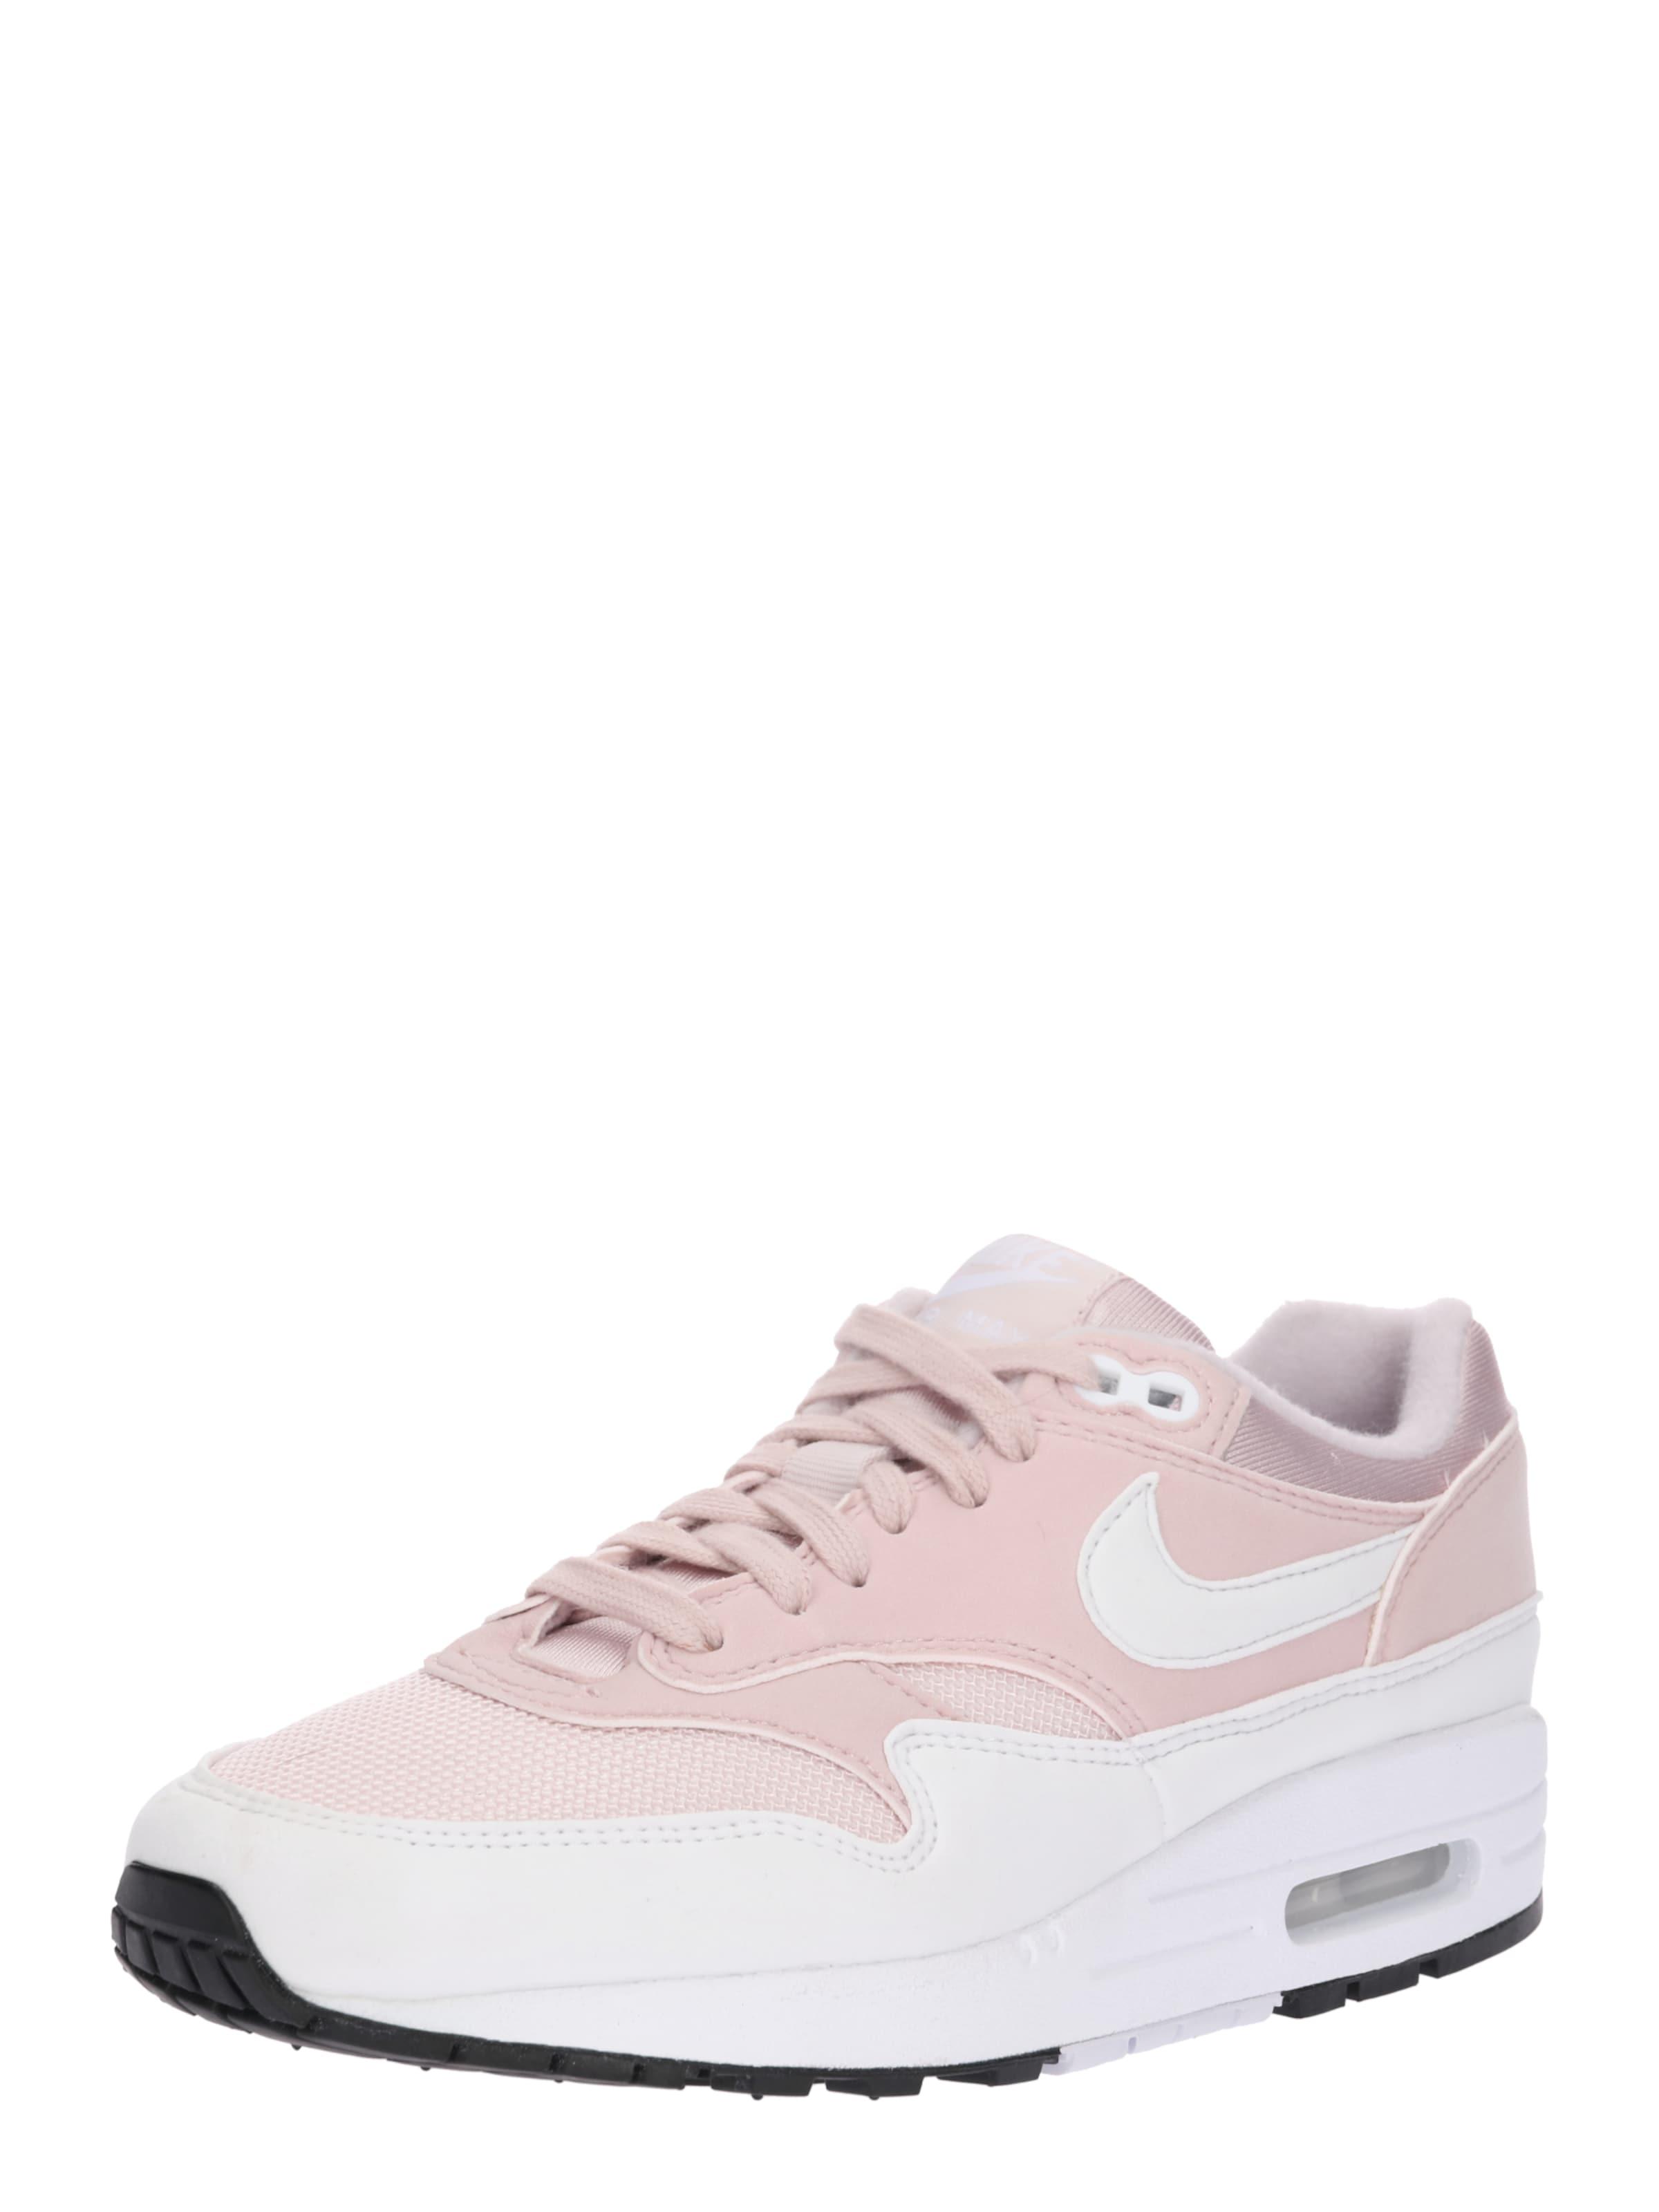 Nike Sportswear | Turnschuhe WMNS AIR MAX 1